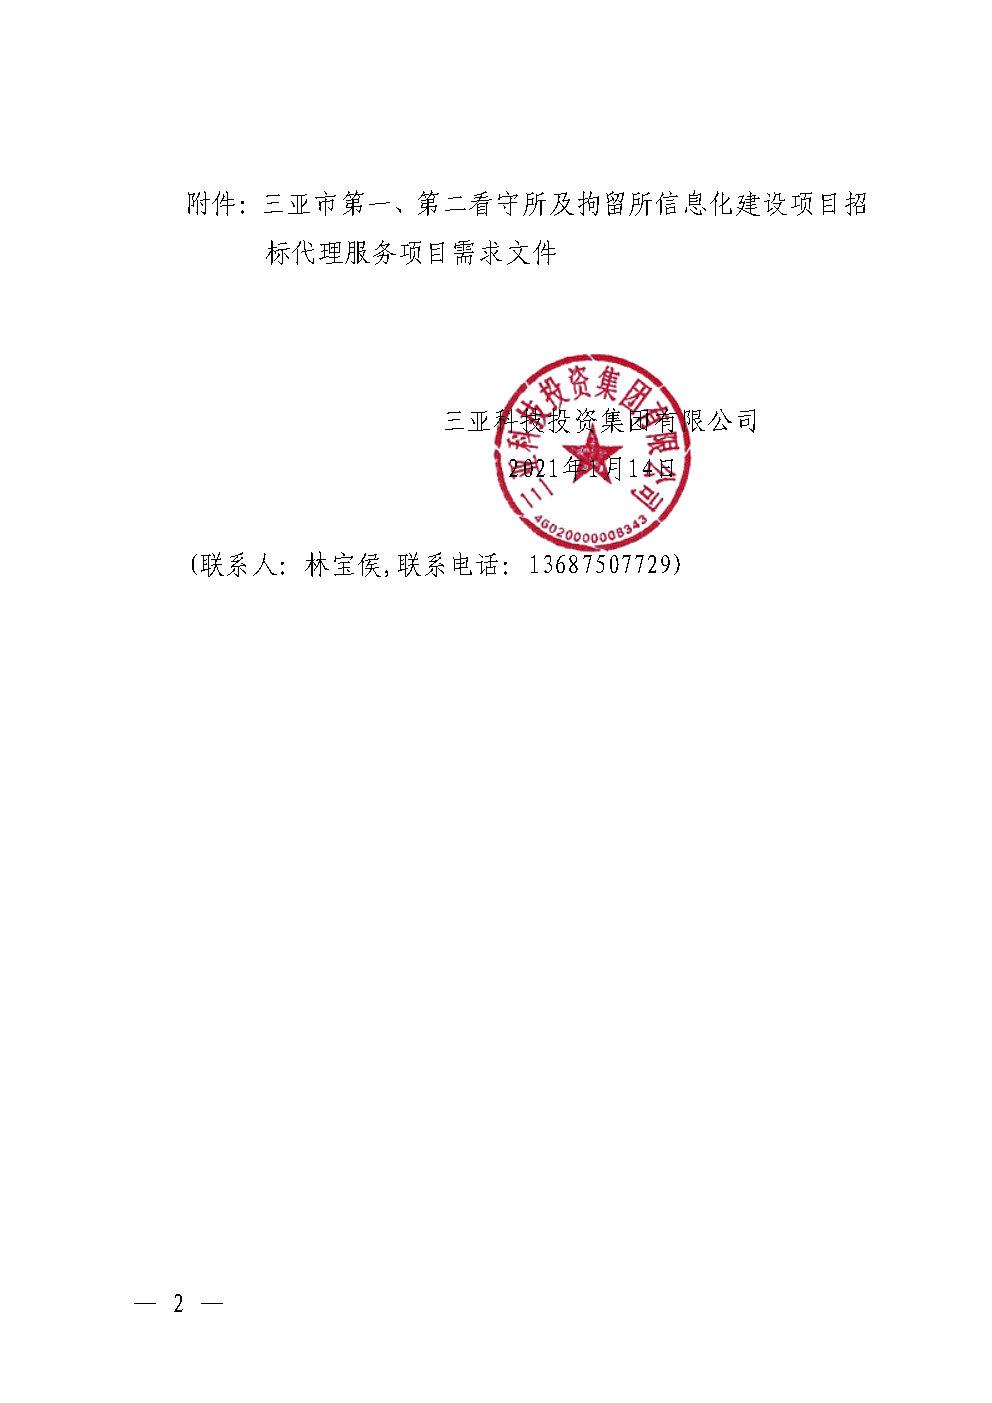 關于三亞市第一、第二看守所及拘留所信息化建設項目招標代理服務項目詢價函_Page2.jpg